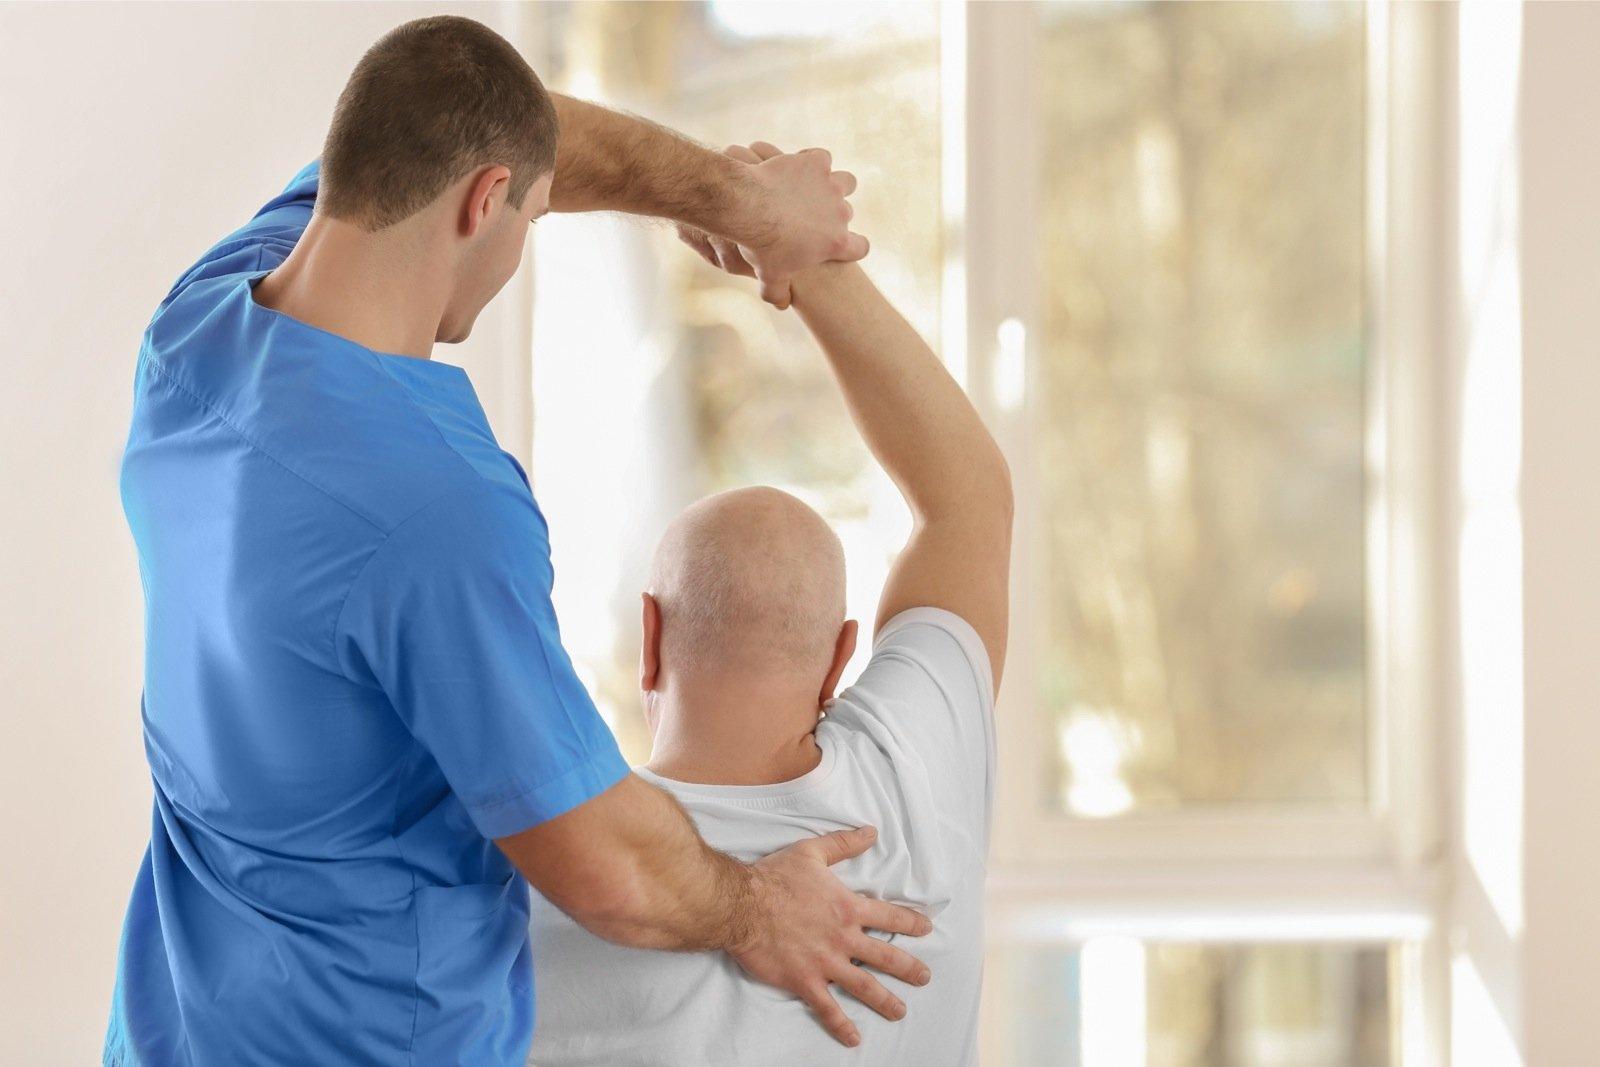 Haiguste haigused olal Valu liigesed ja luud